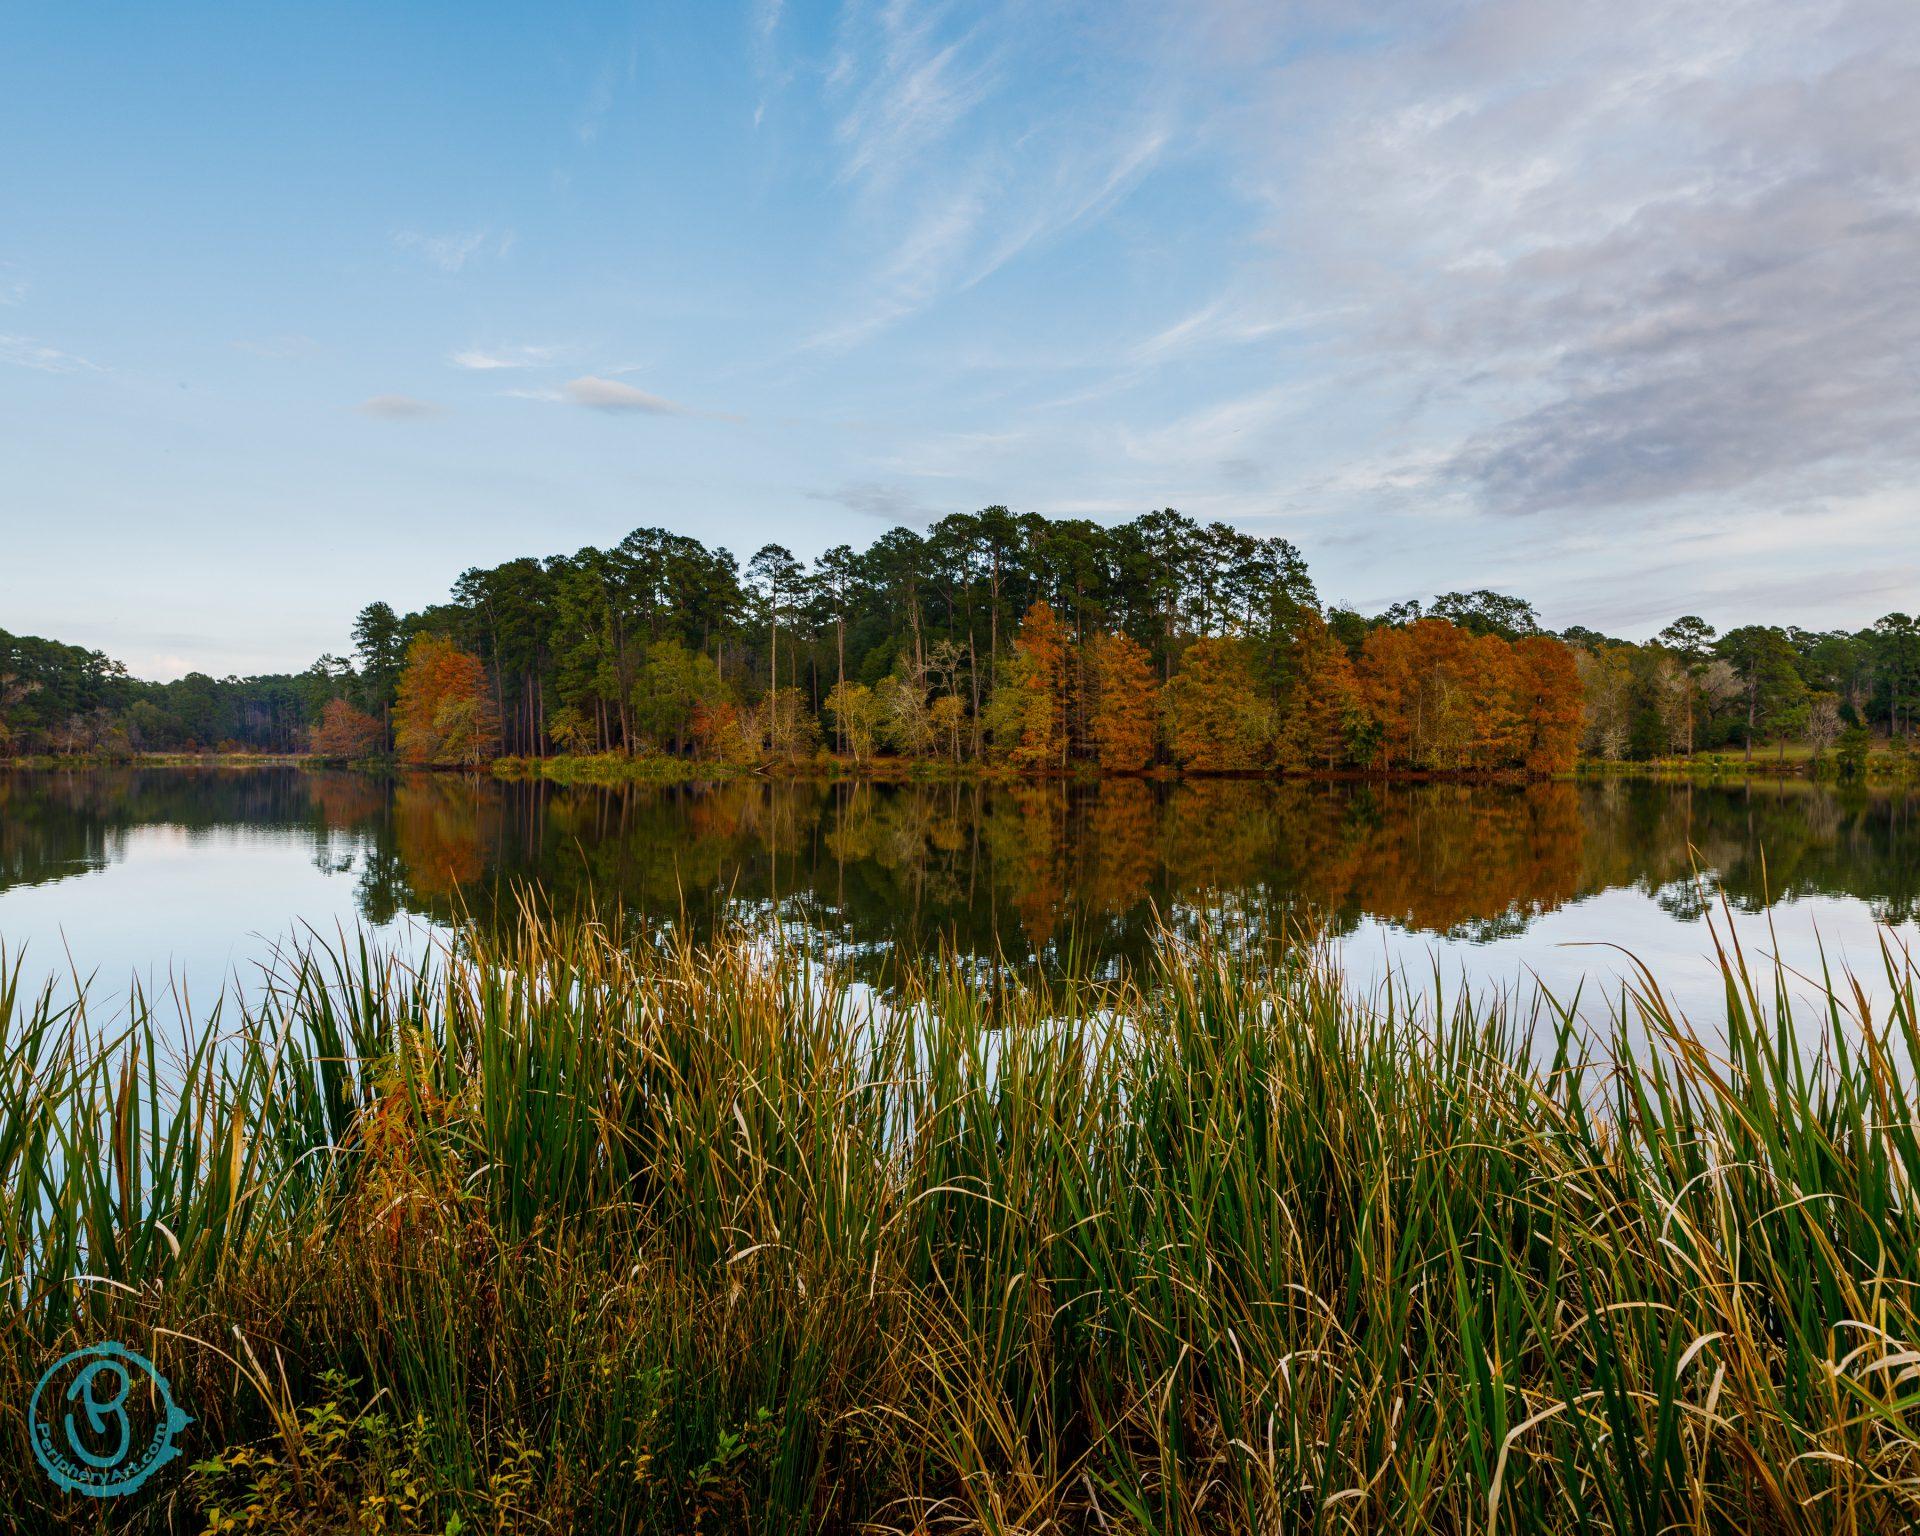 Treeline on lake